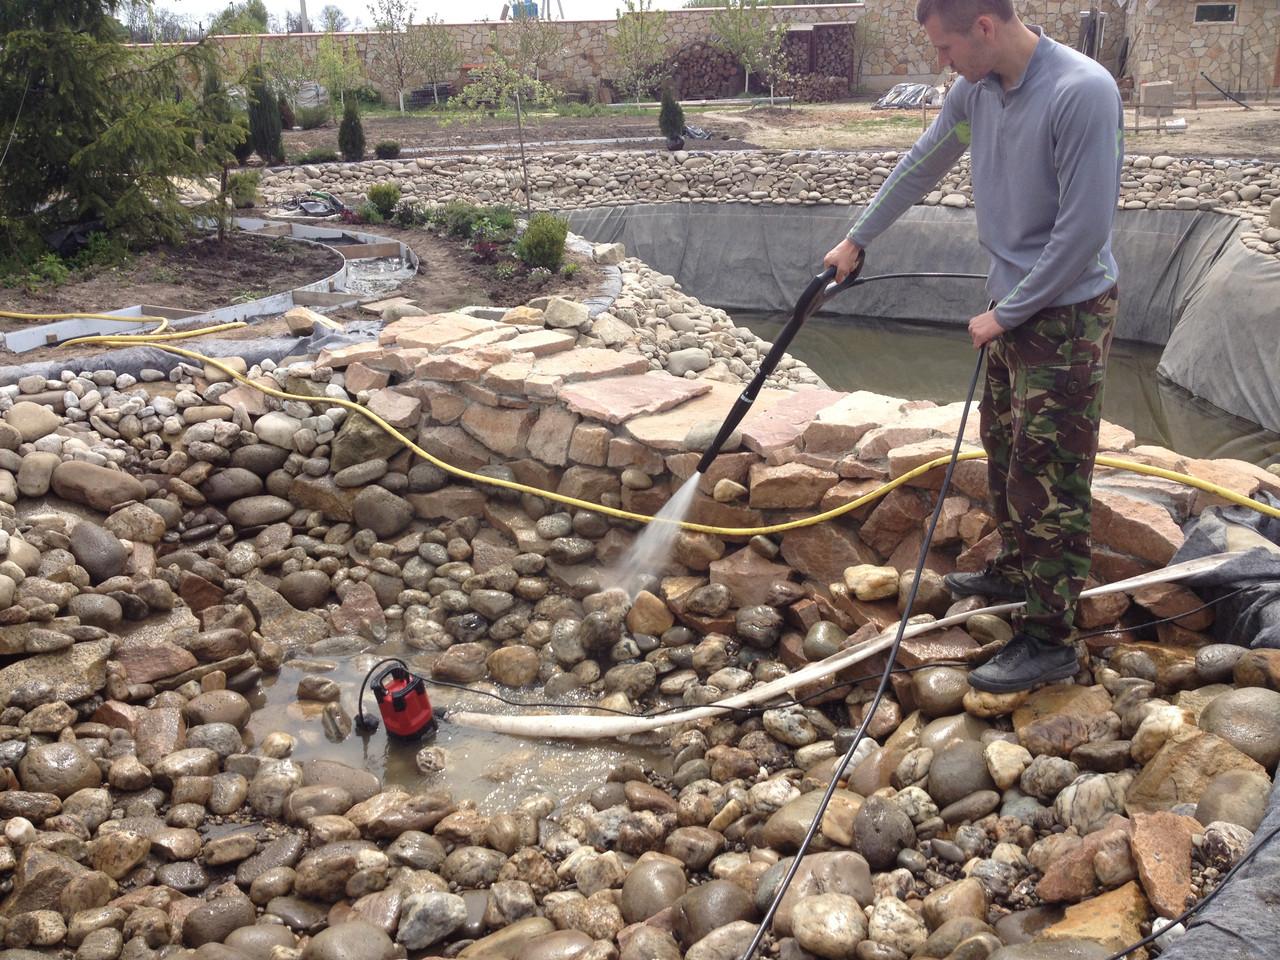 Чищення ставків, очищення водойм, сезонний догляд за ставком